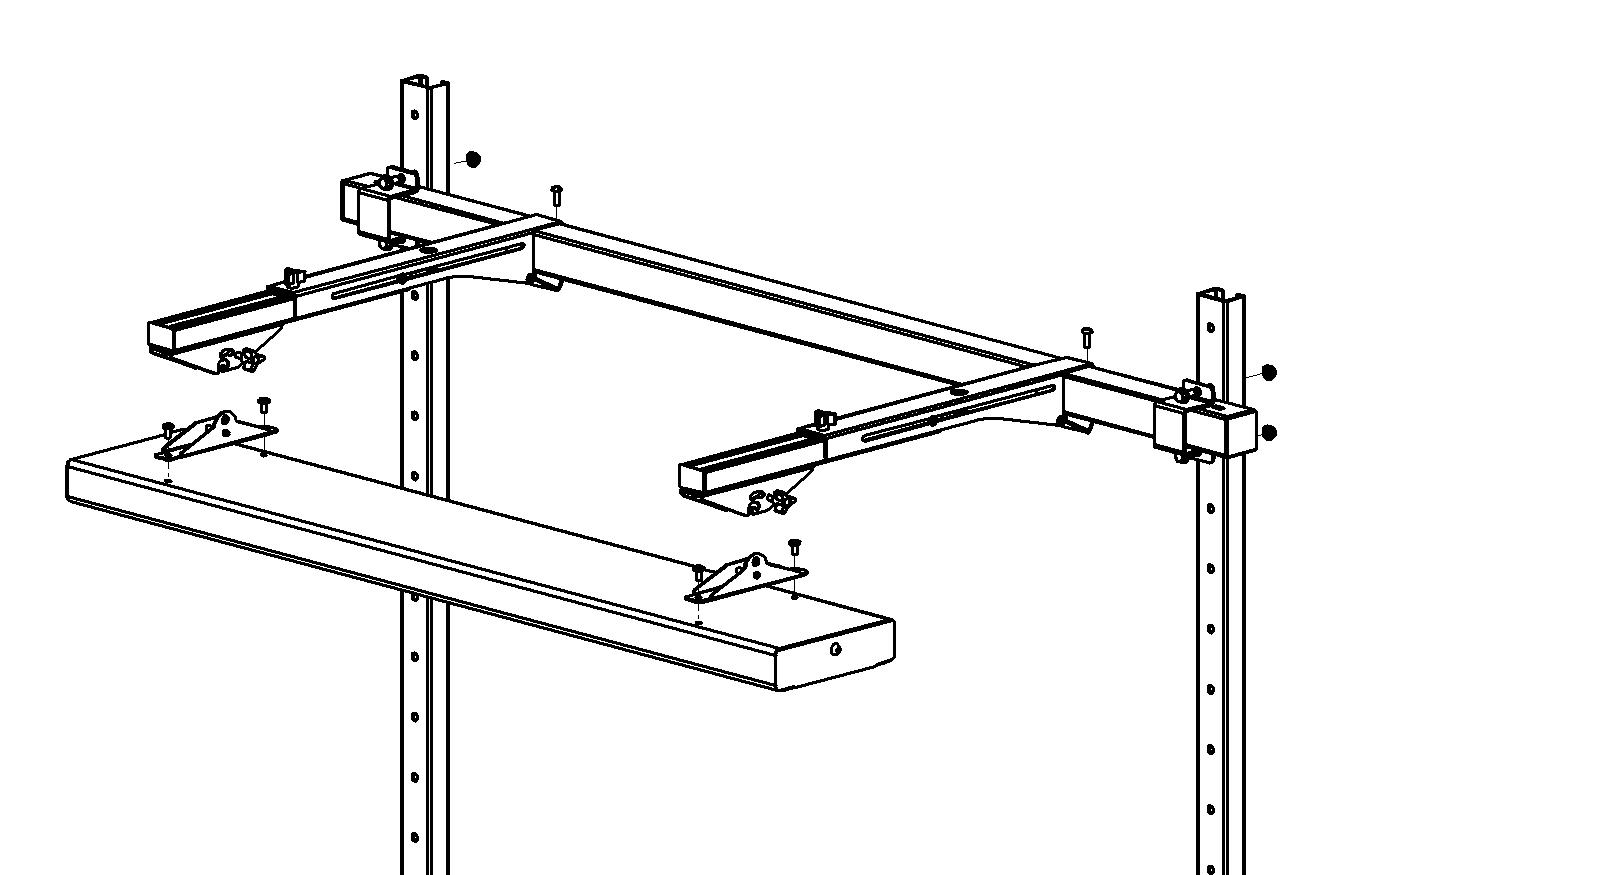 Light suspension system diagram